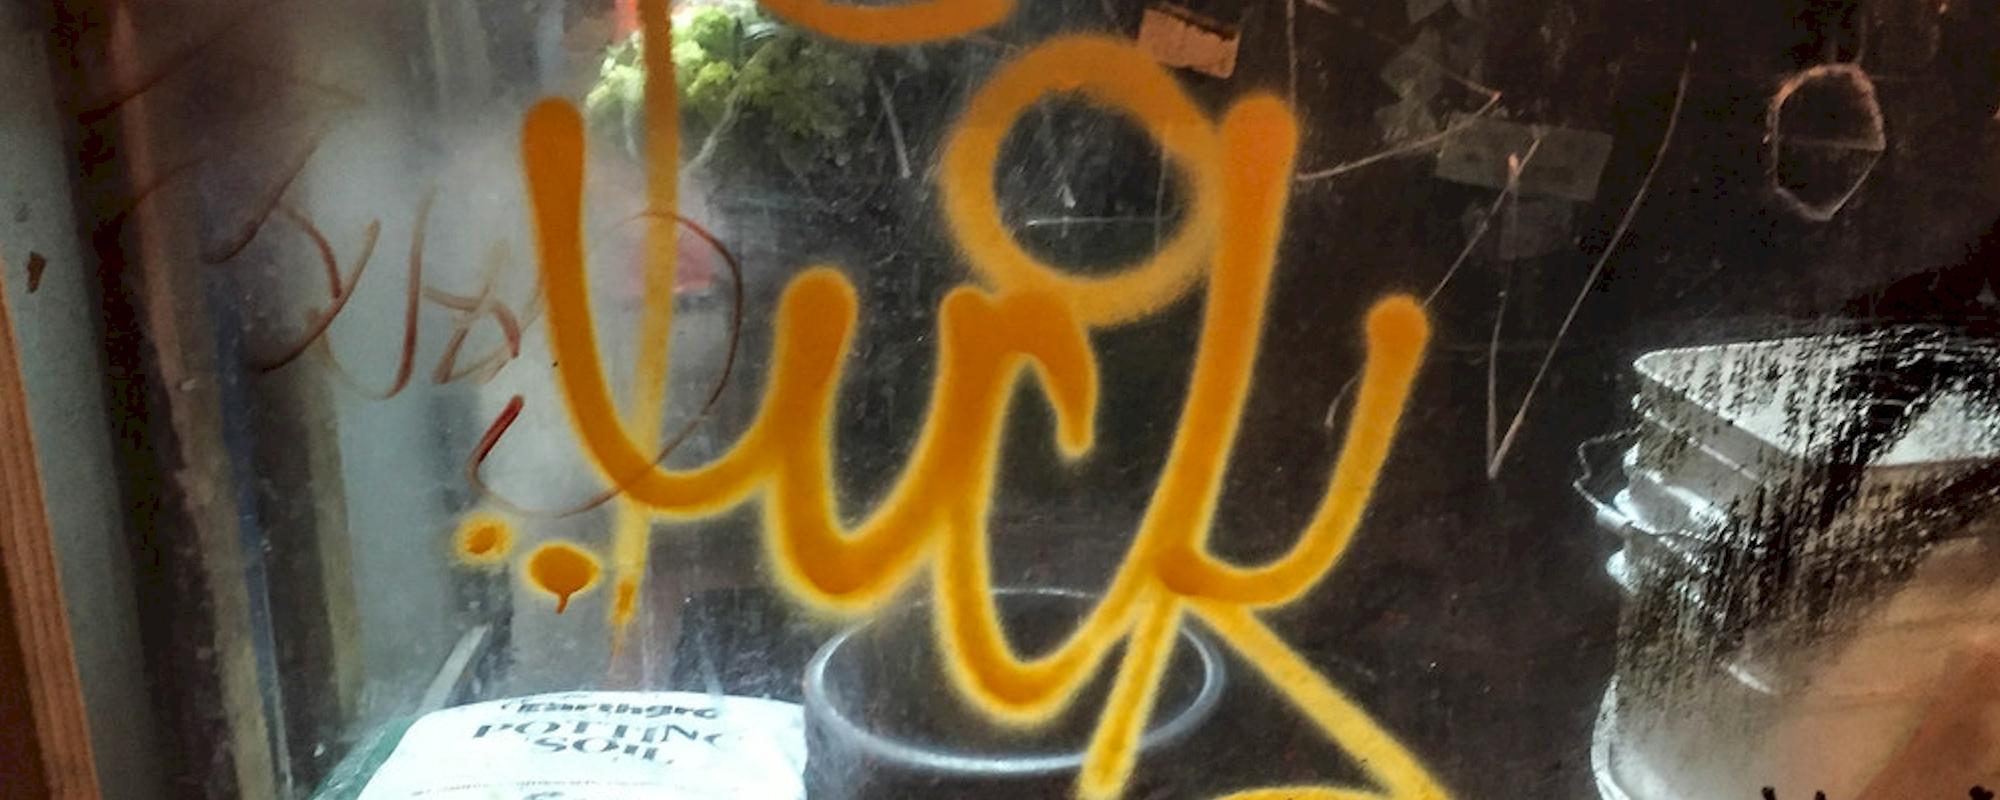 Eliminación de graffitis en escaparates / cristales